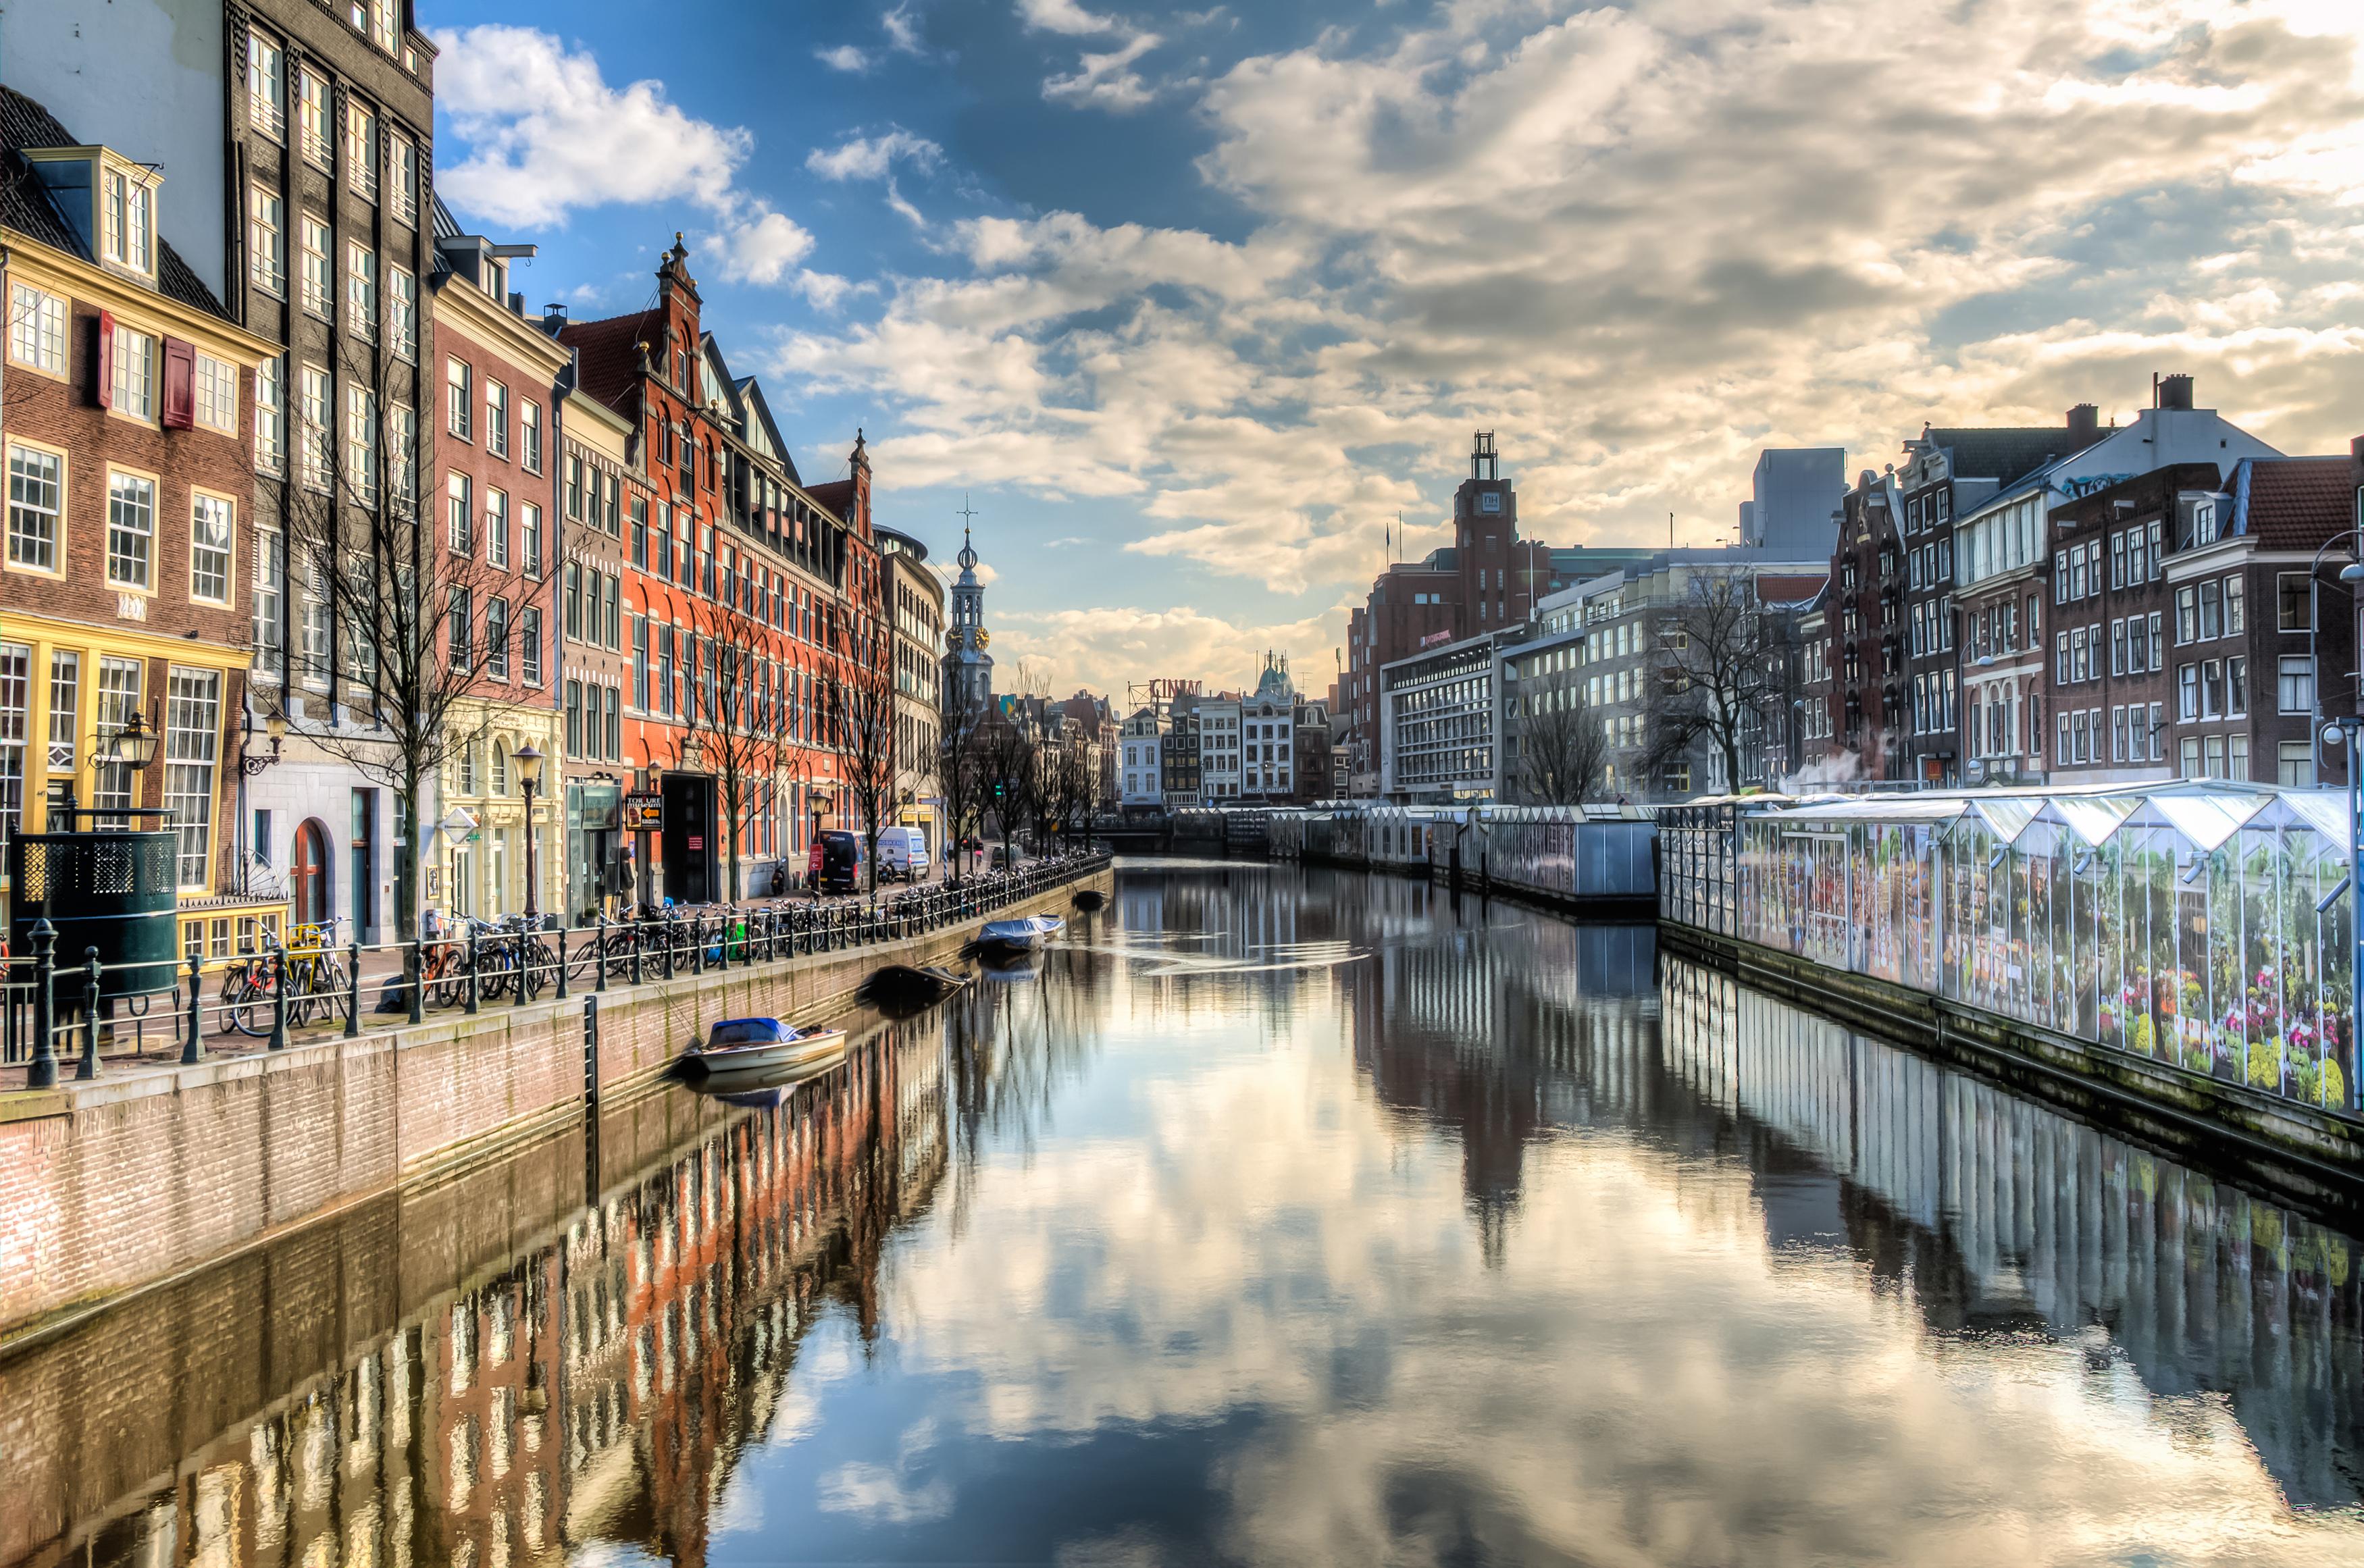 암스테르담을 여행할 때 주의할 점